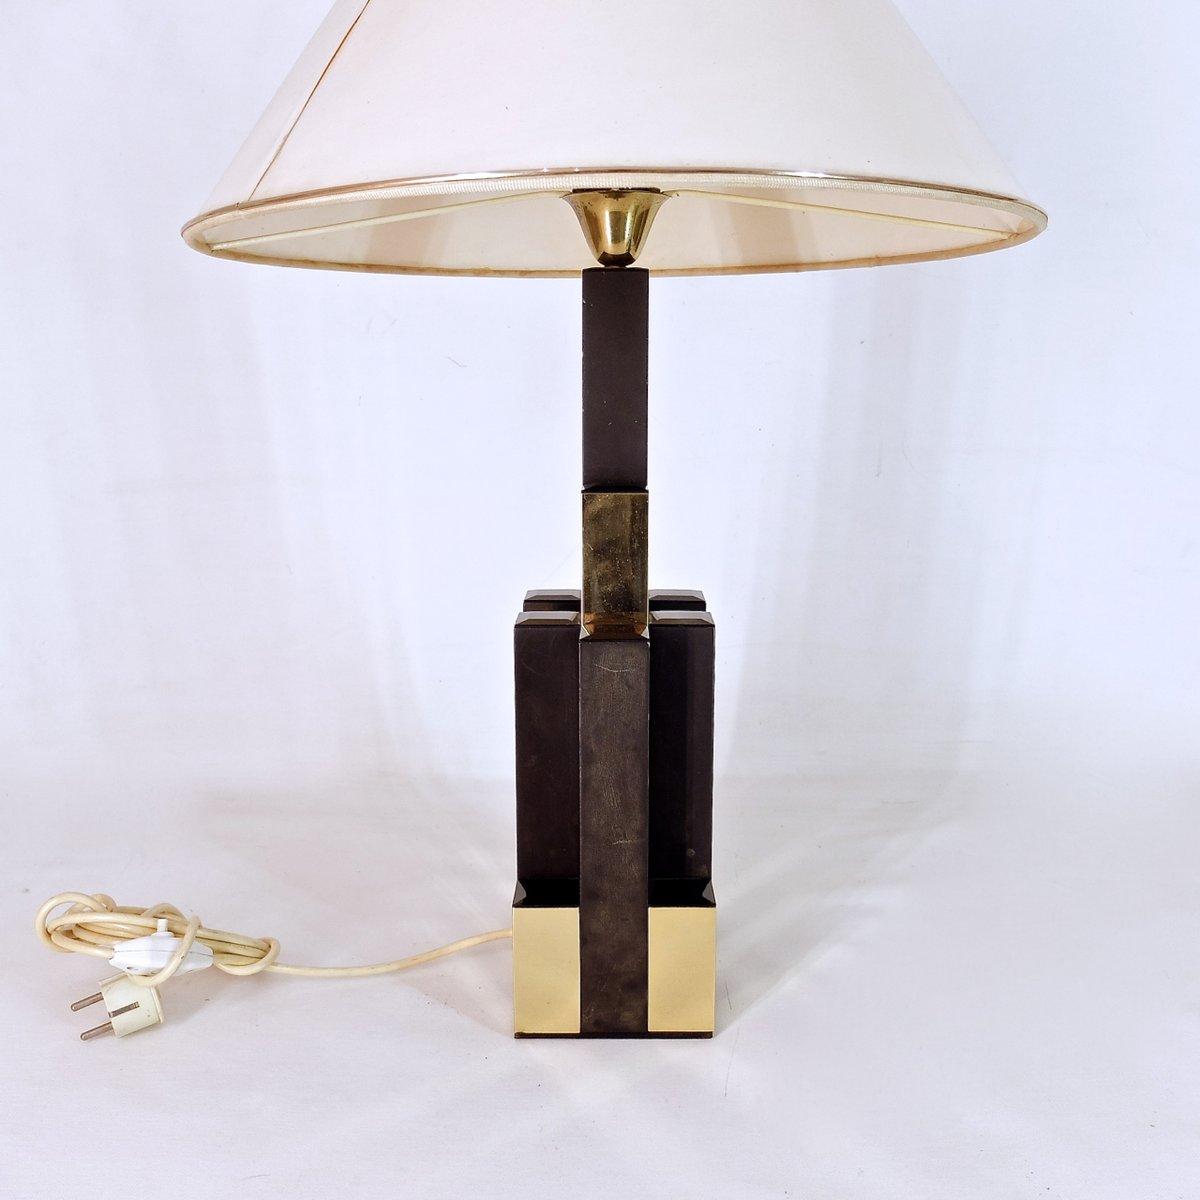 art deco tischlampe aus messing 1970er bei pamono kaufen. Black Bedroom Furniture Sets. Home Design Ideas